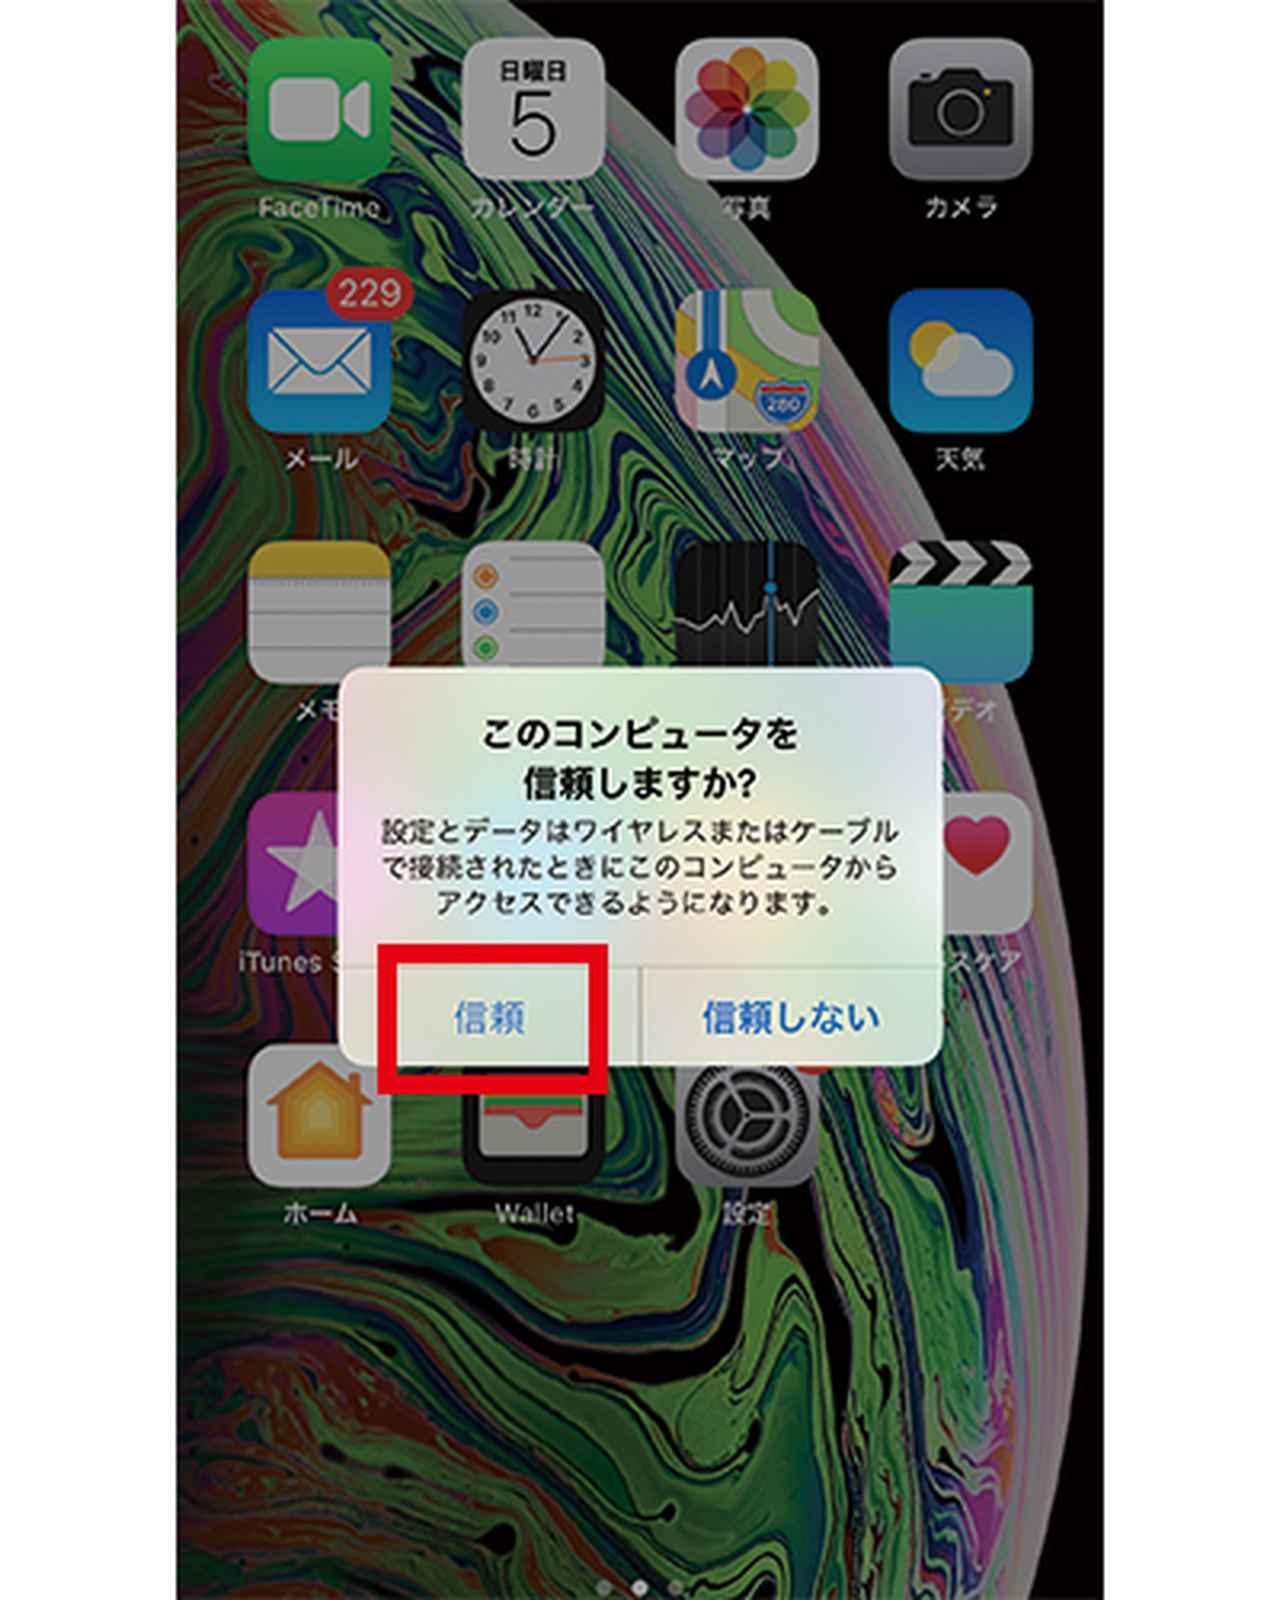 画像4: 【スマホとパソコンの接続方法】iPhone・Androidの場合のデータ転送の仕方